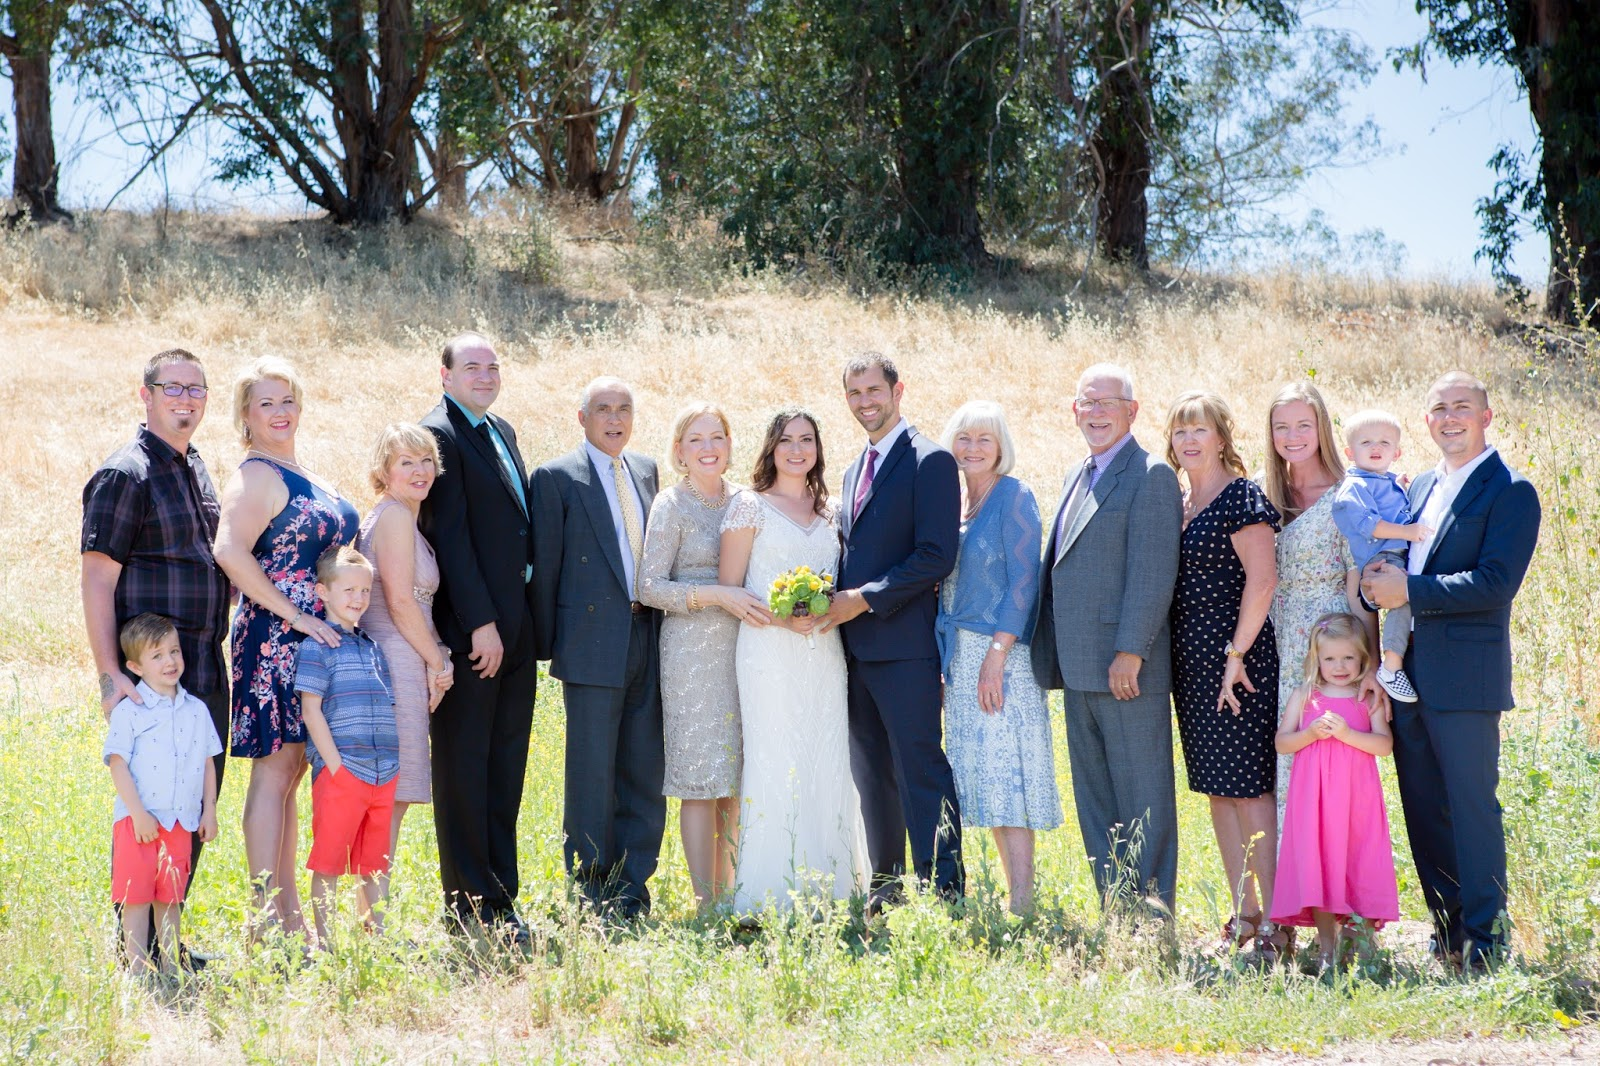 Outdoor Summer Wedding Family Photo